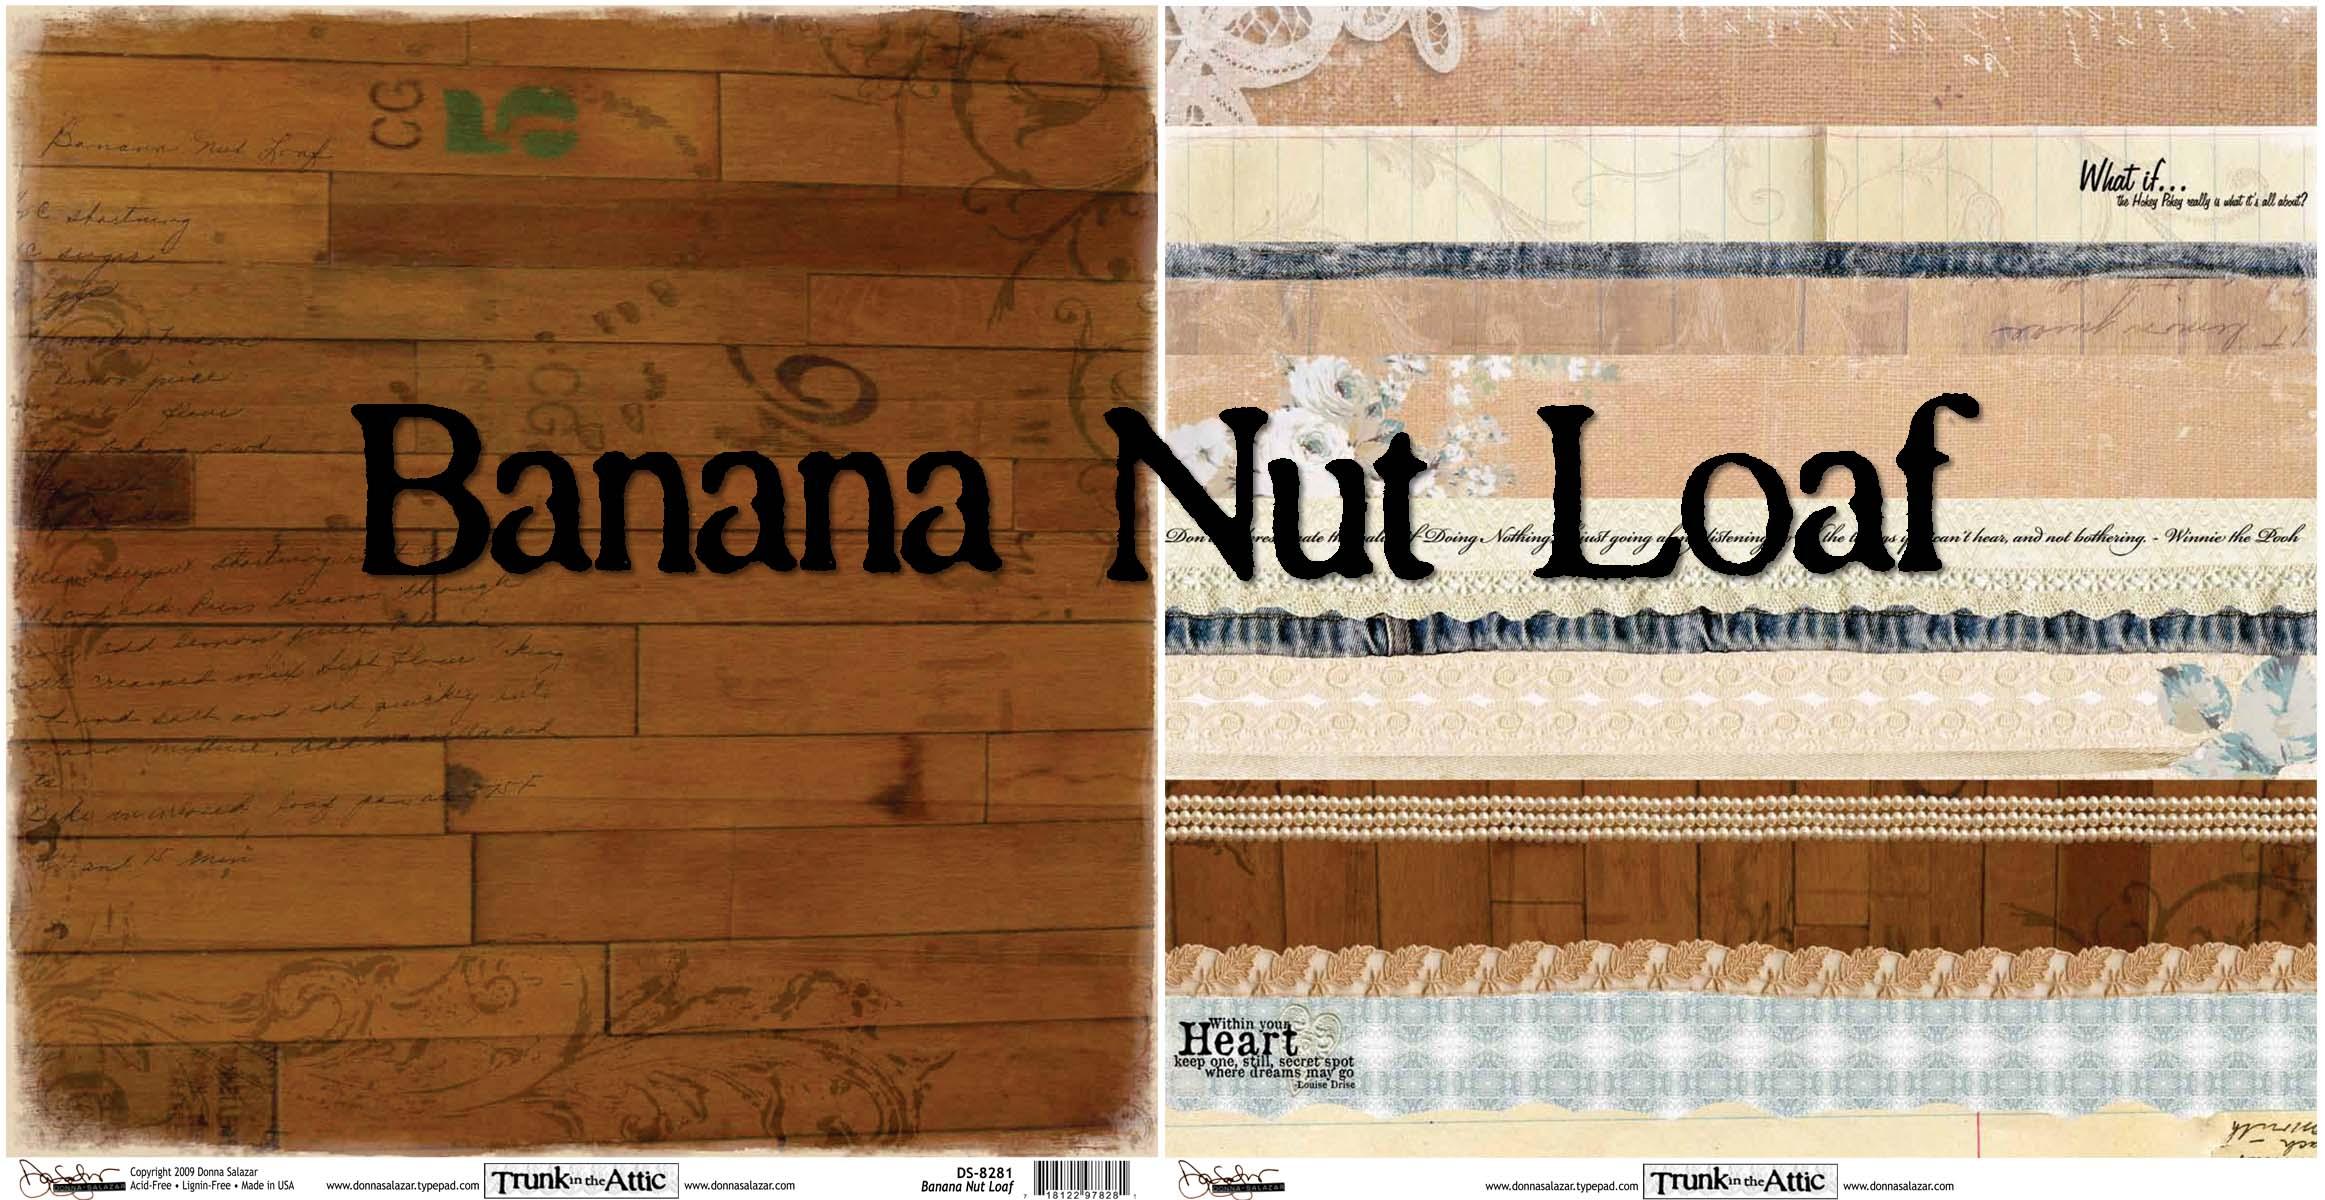 Banana nut loaf